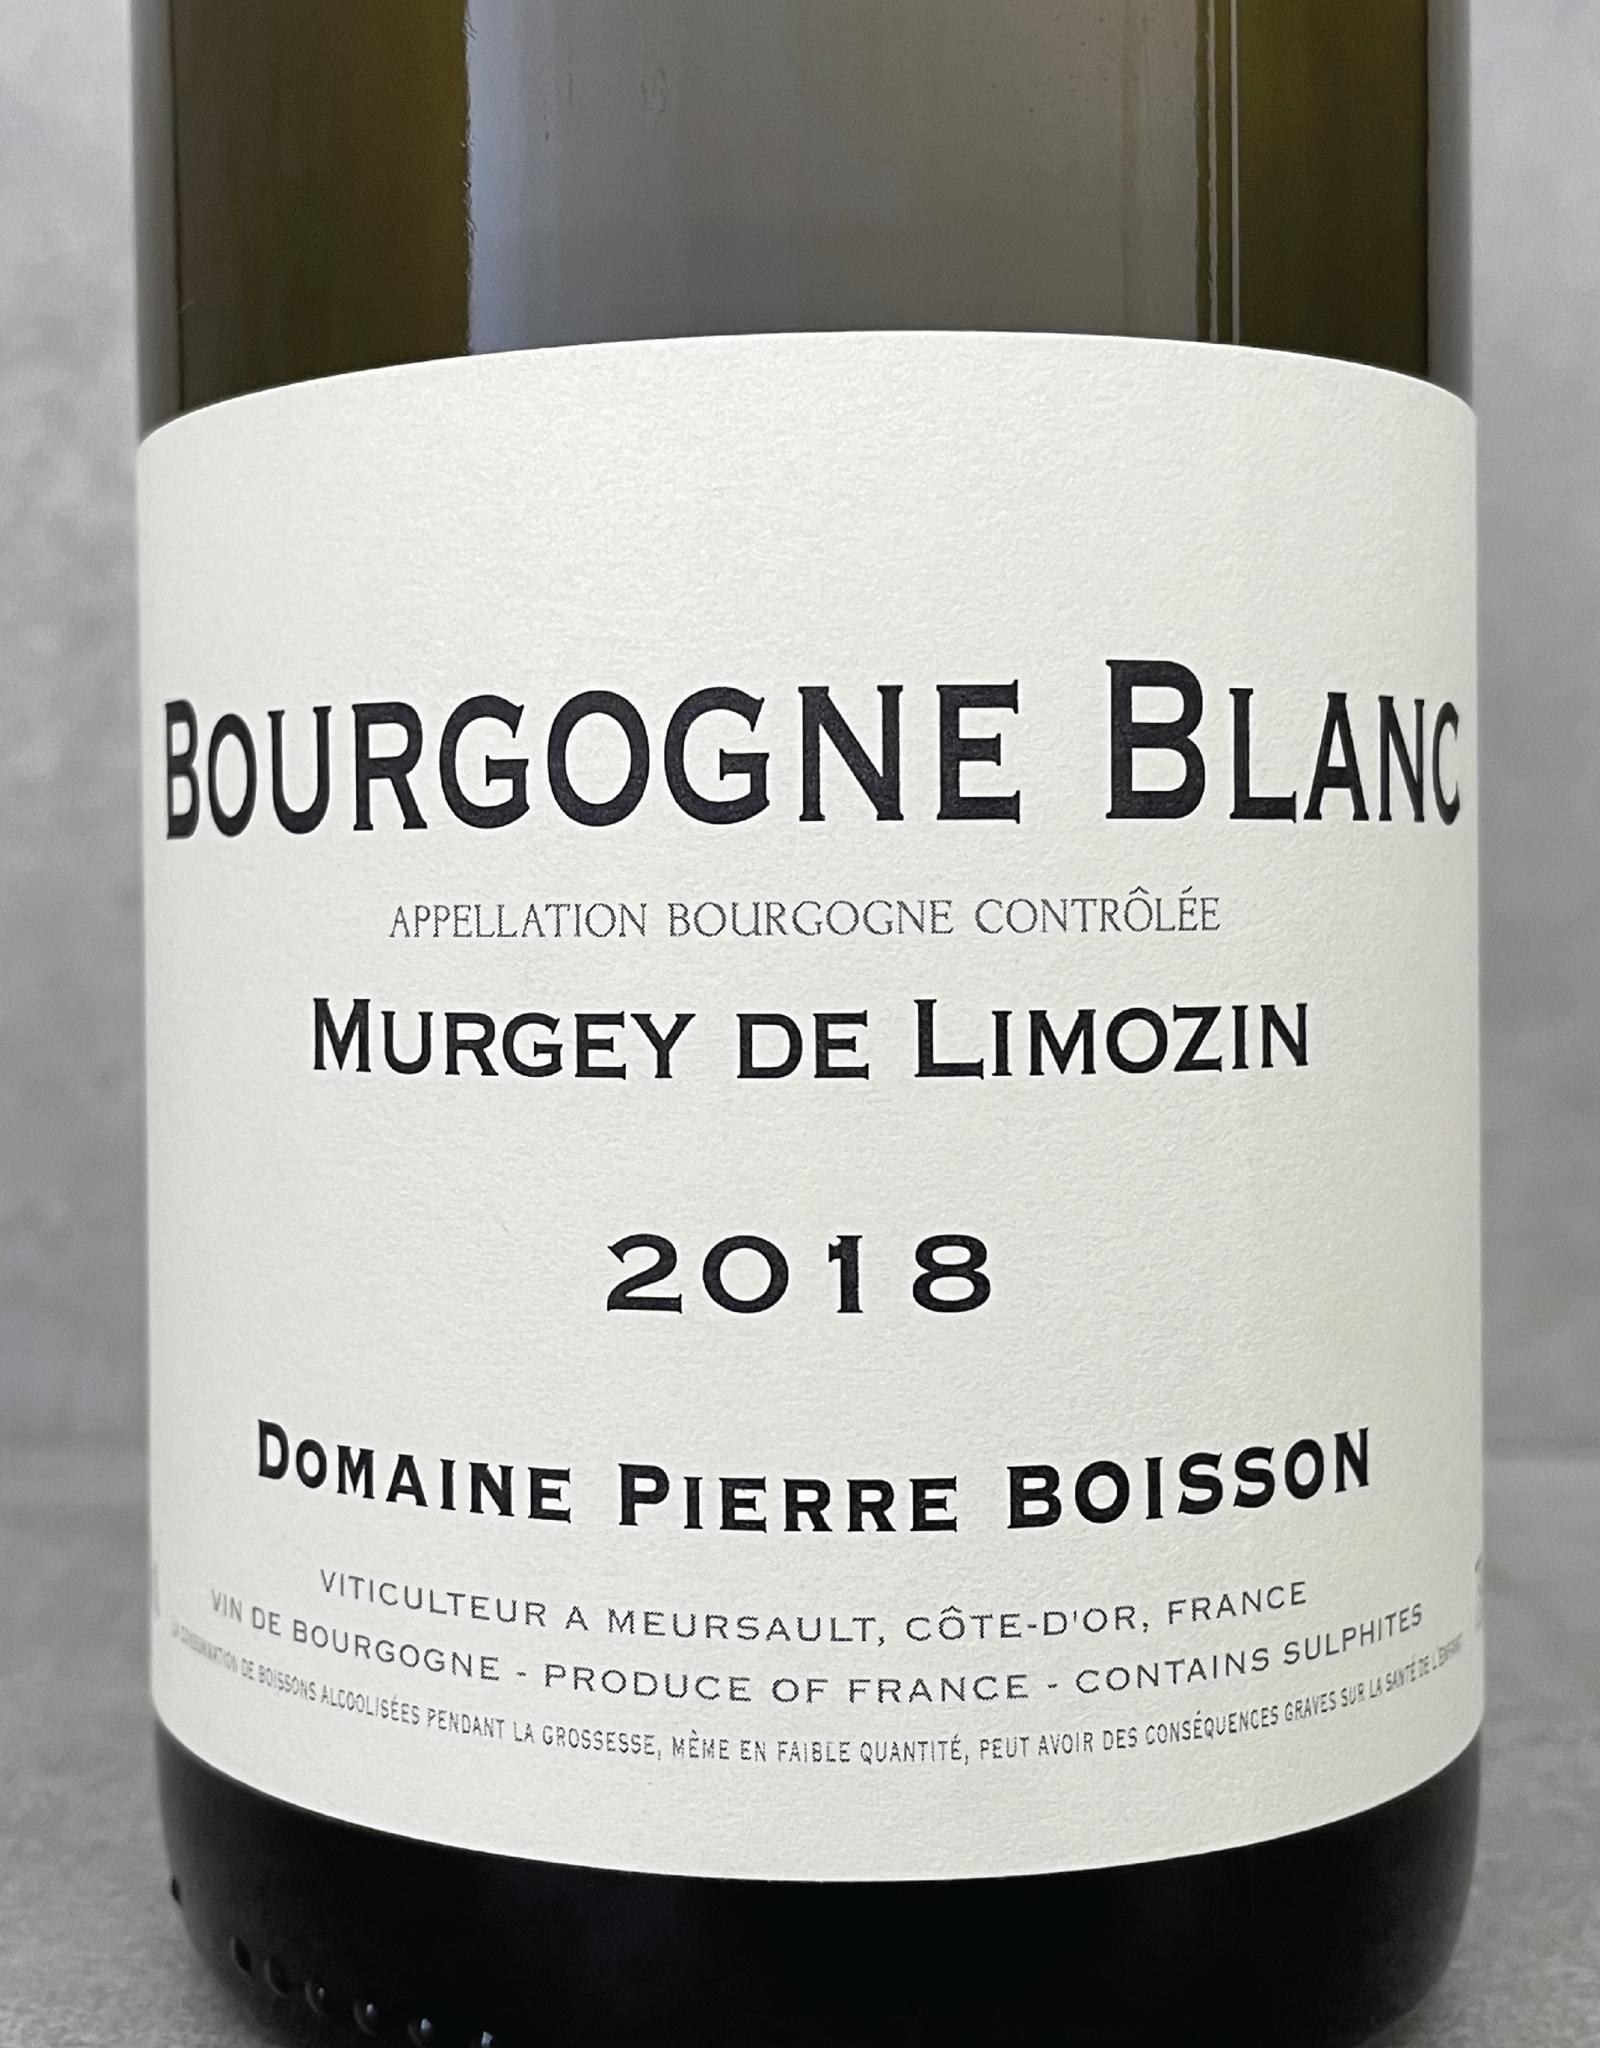 Pierre Boisson Bourgogne blanc Murgey de Limozin 2018